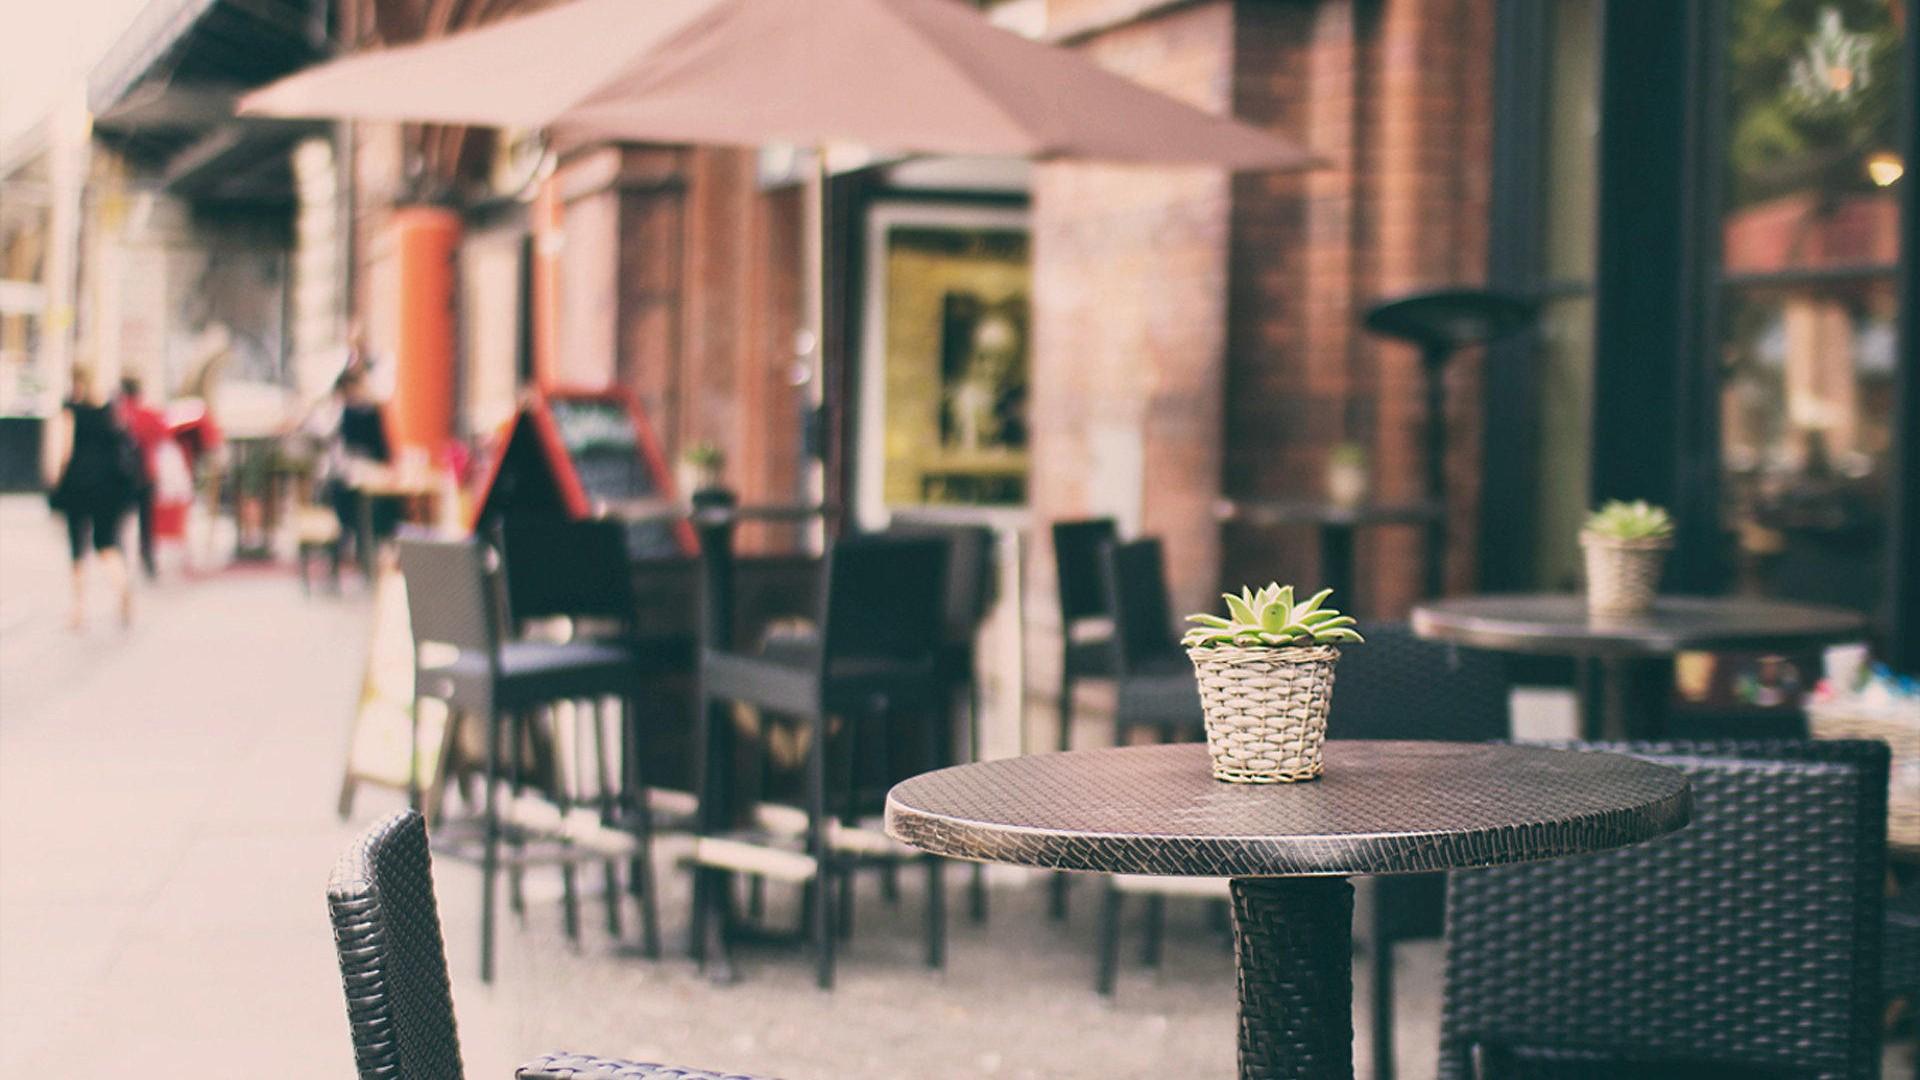 69 社区图酷 69 可爱温馨时刻唯美壁纸欣赏  分享到:qq空间新浪